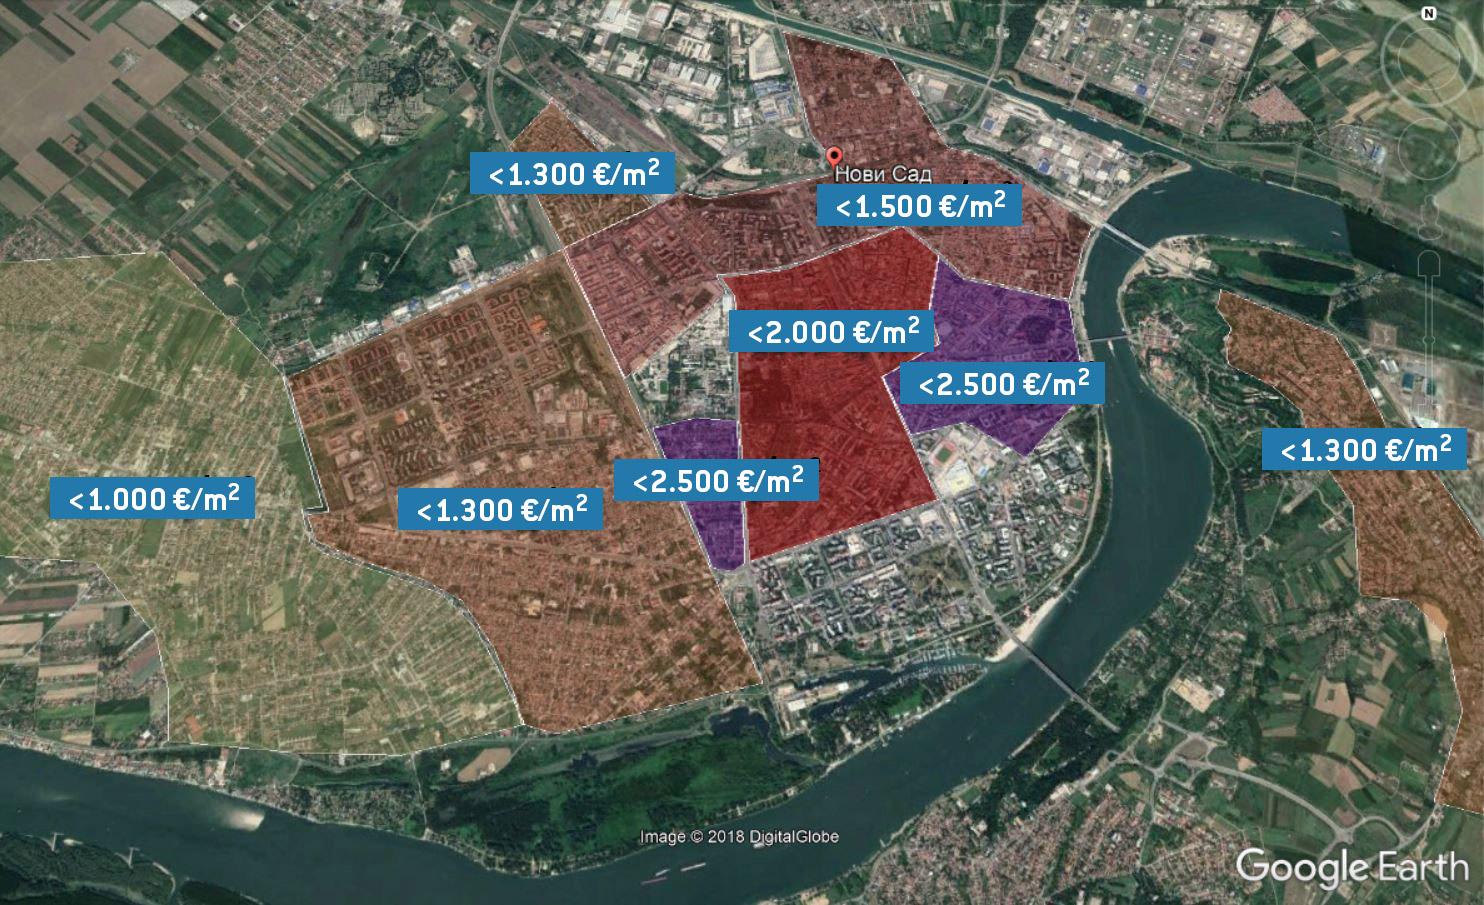 Cene kvadrata novih stanova u Novom Sadu u zavisnosti od dela grada